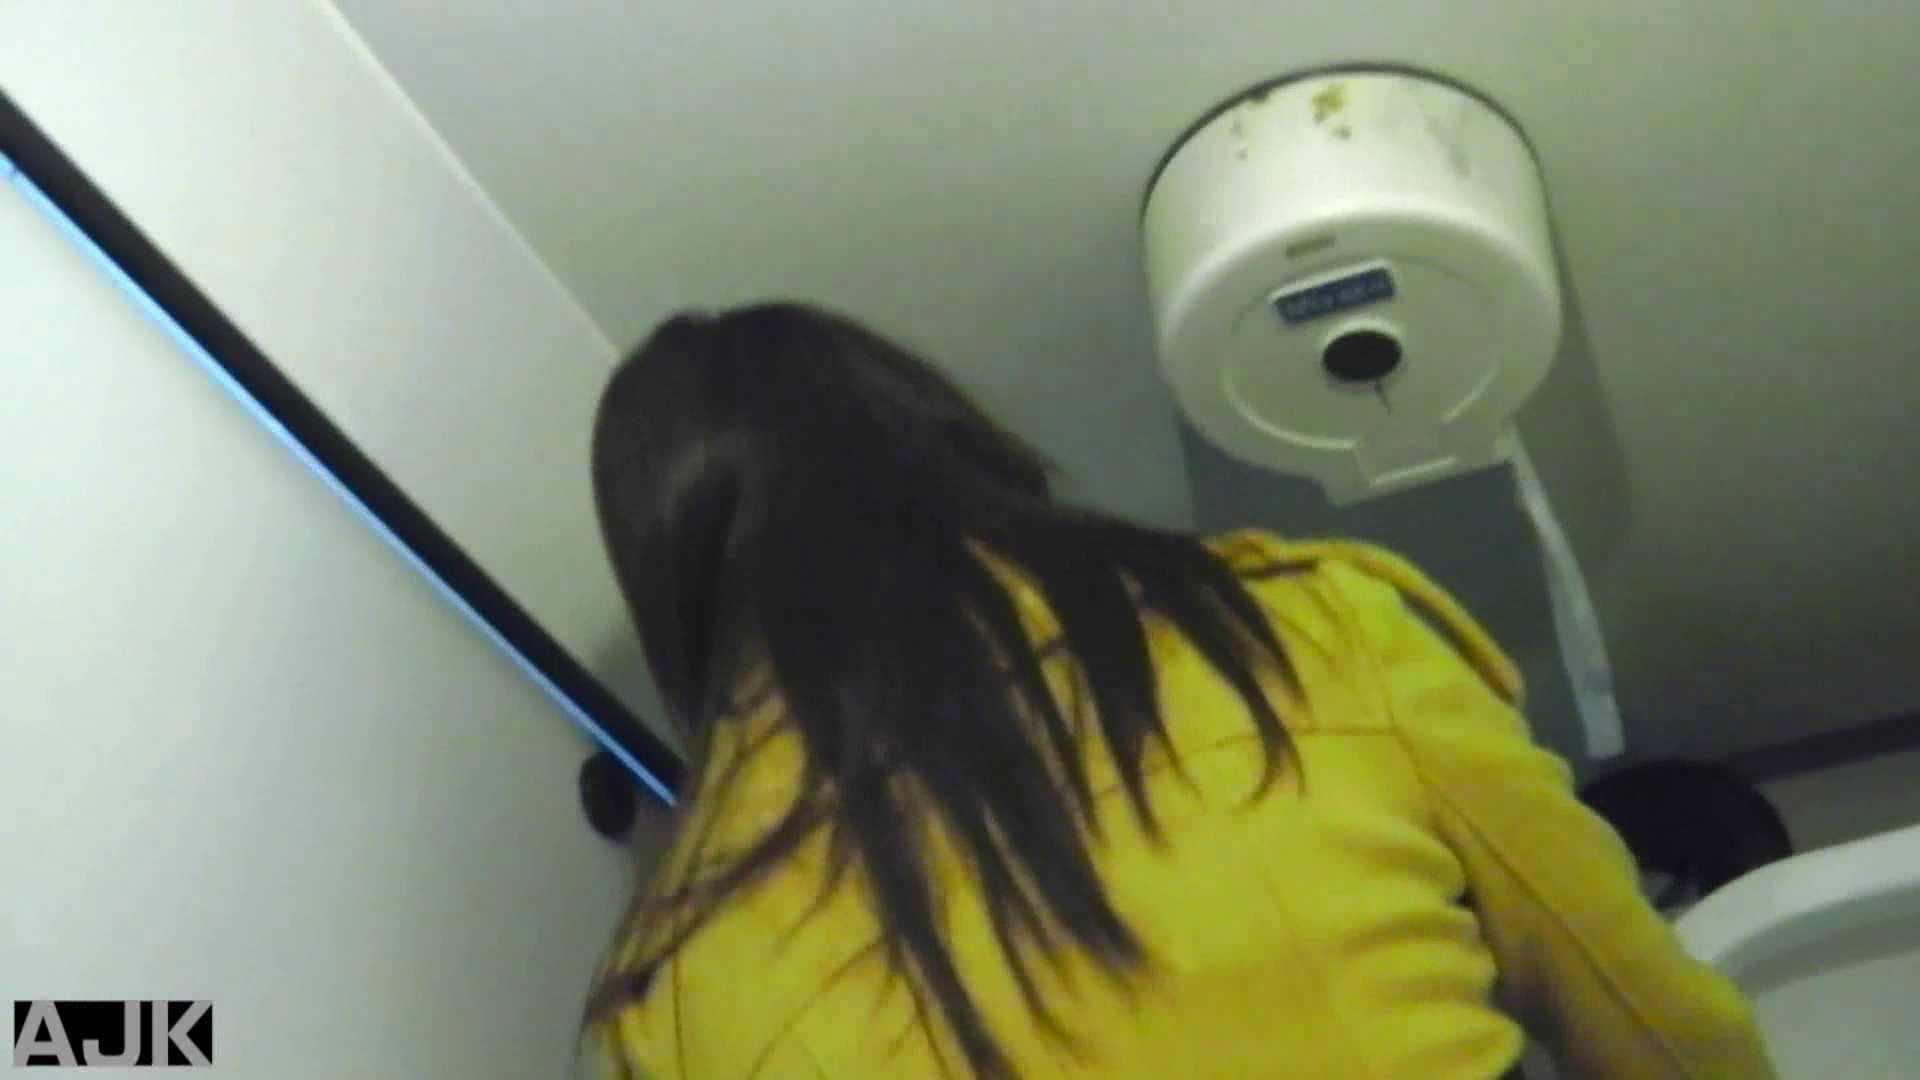 隣国上階級エリアの令嬢たちが集うデパートお手洗い Vol.21 便器 オメコ動画キャプチャ 60画像 41